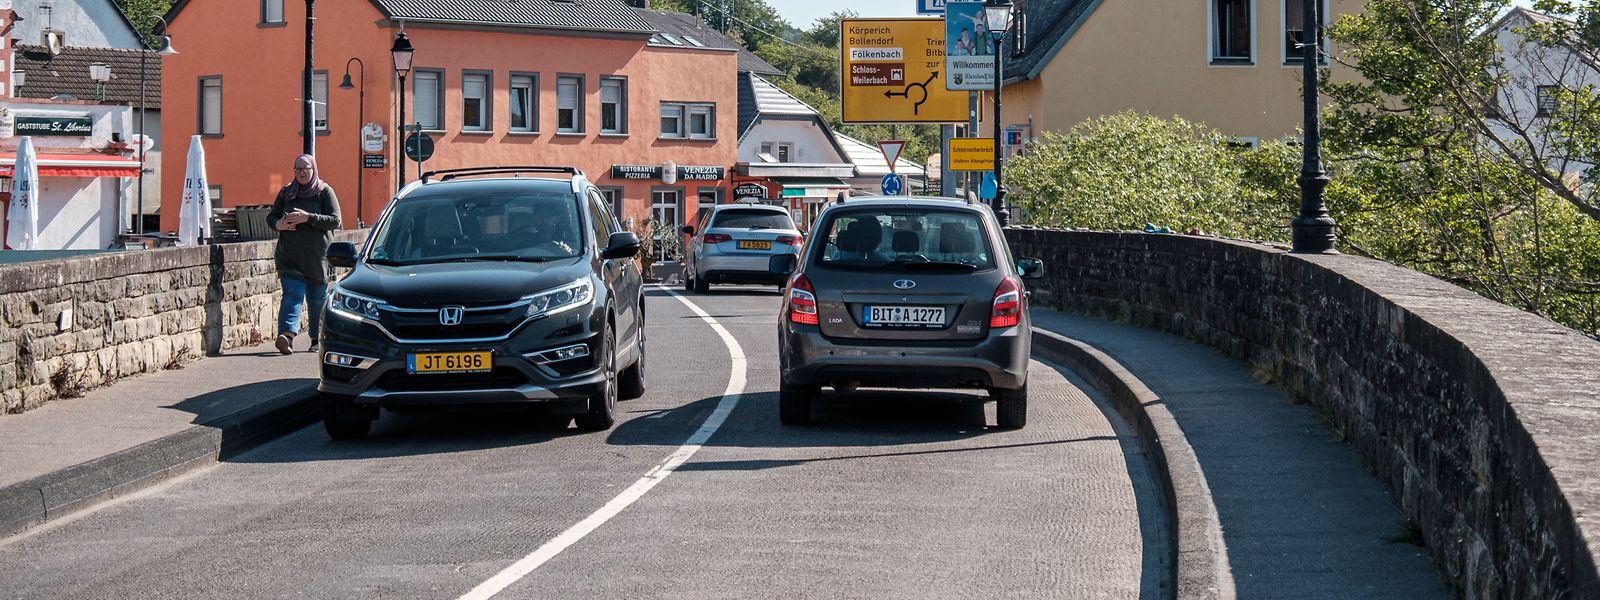 Der Grenzübergang Echternach - Echternacherbrück am Morgen nach dem Wiedereröffnung.